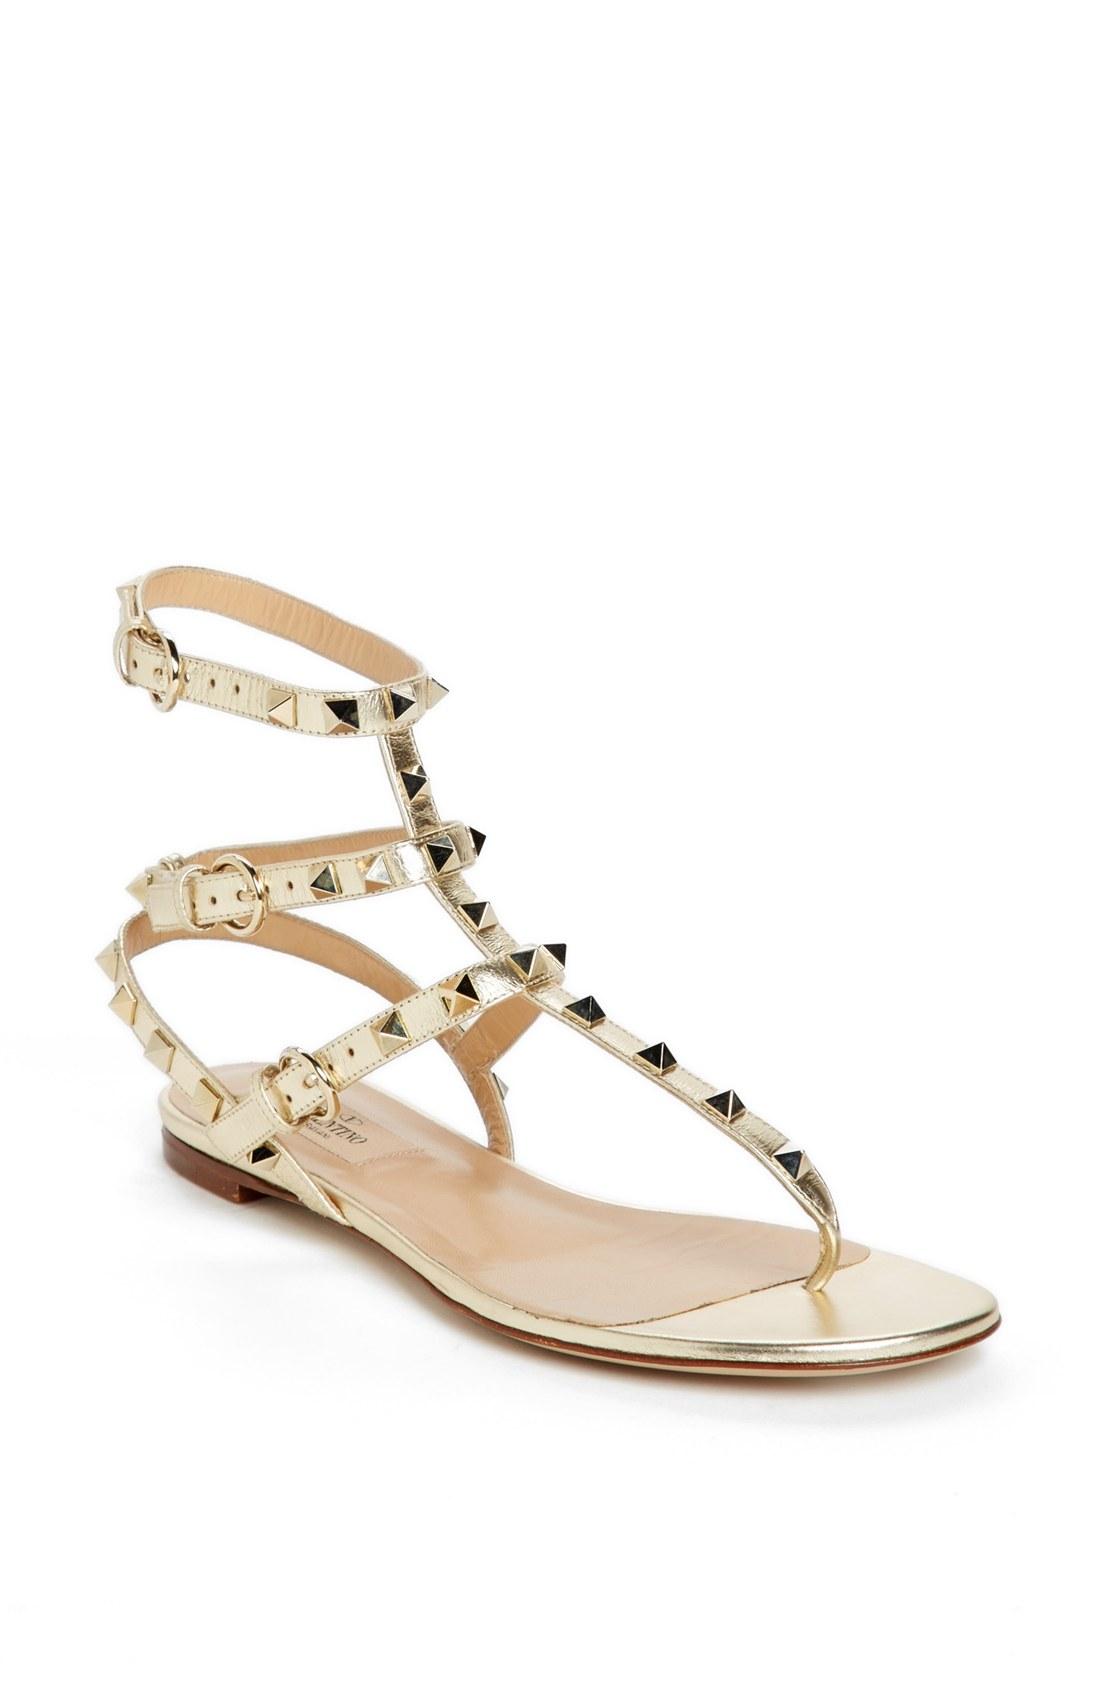 Triple buckle sandal flats shoejob 4